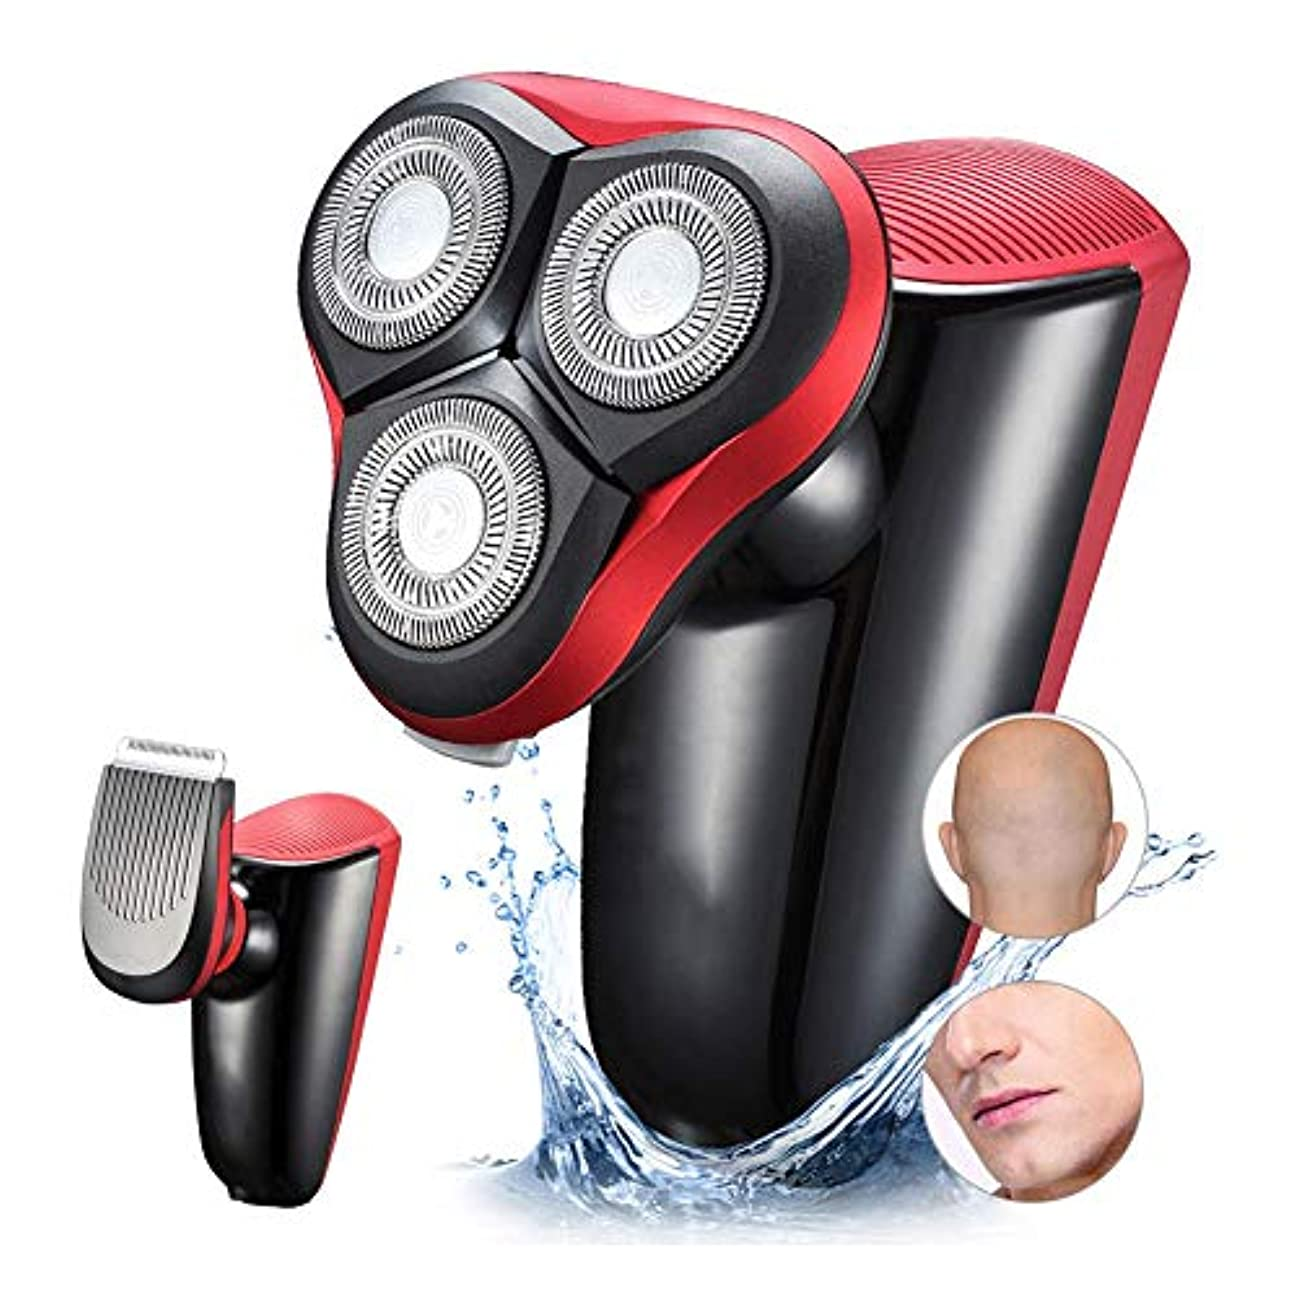 説明シンポジウム国内の男性のヒゲトリマーバリカンかみそりの刃シェーバー3洗えるシェービングマシンのUSB充電式のため簡単にヘッドシェーバー電気シェーバーかみそり